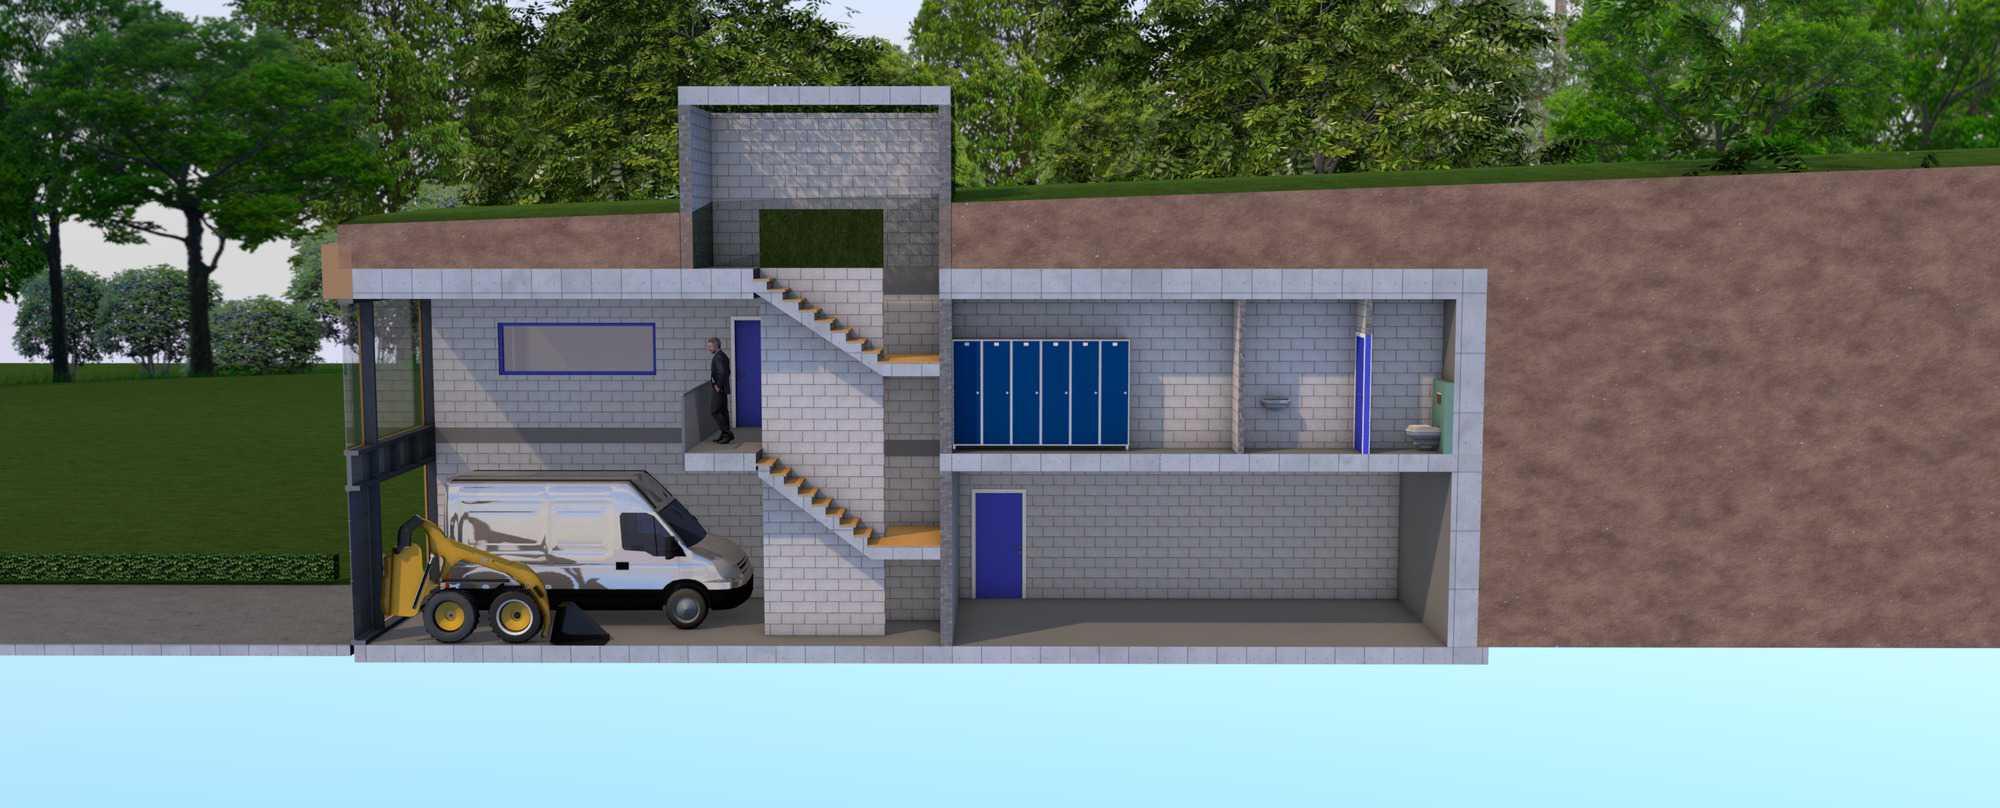 Detail afbeelding 7 van LIETEBERG – Technische dienst – Wedstrijdontwerp + uitvoeringsontwerp | Ontwerp door architect Patrick Strackx